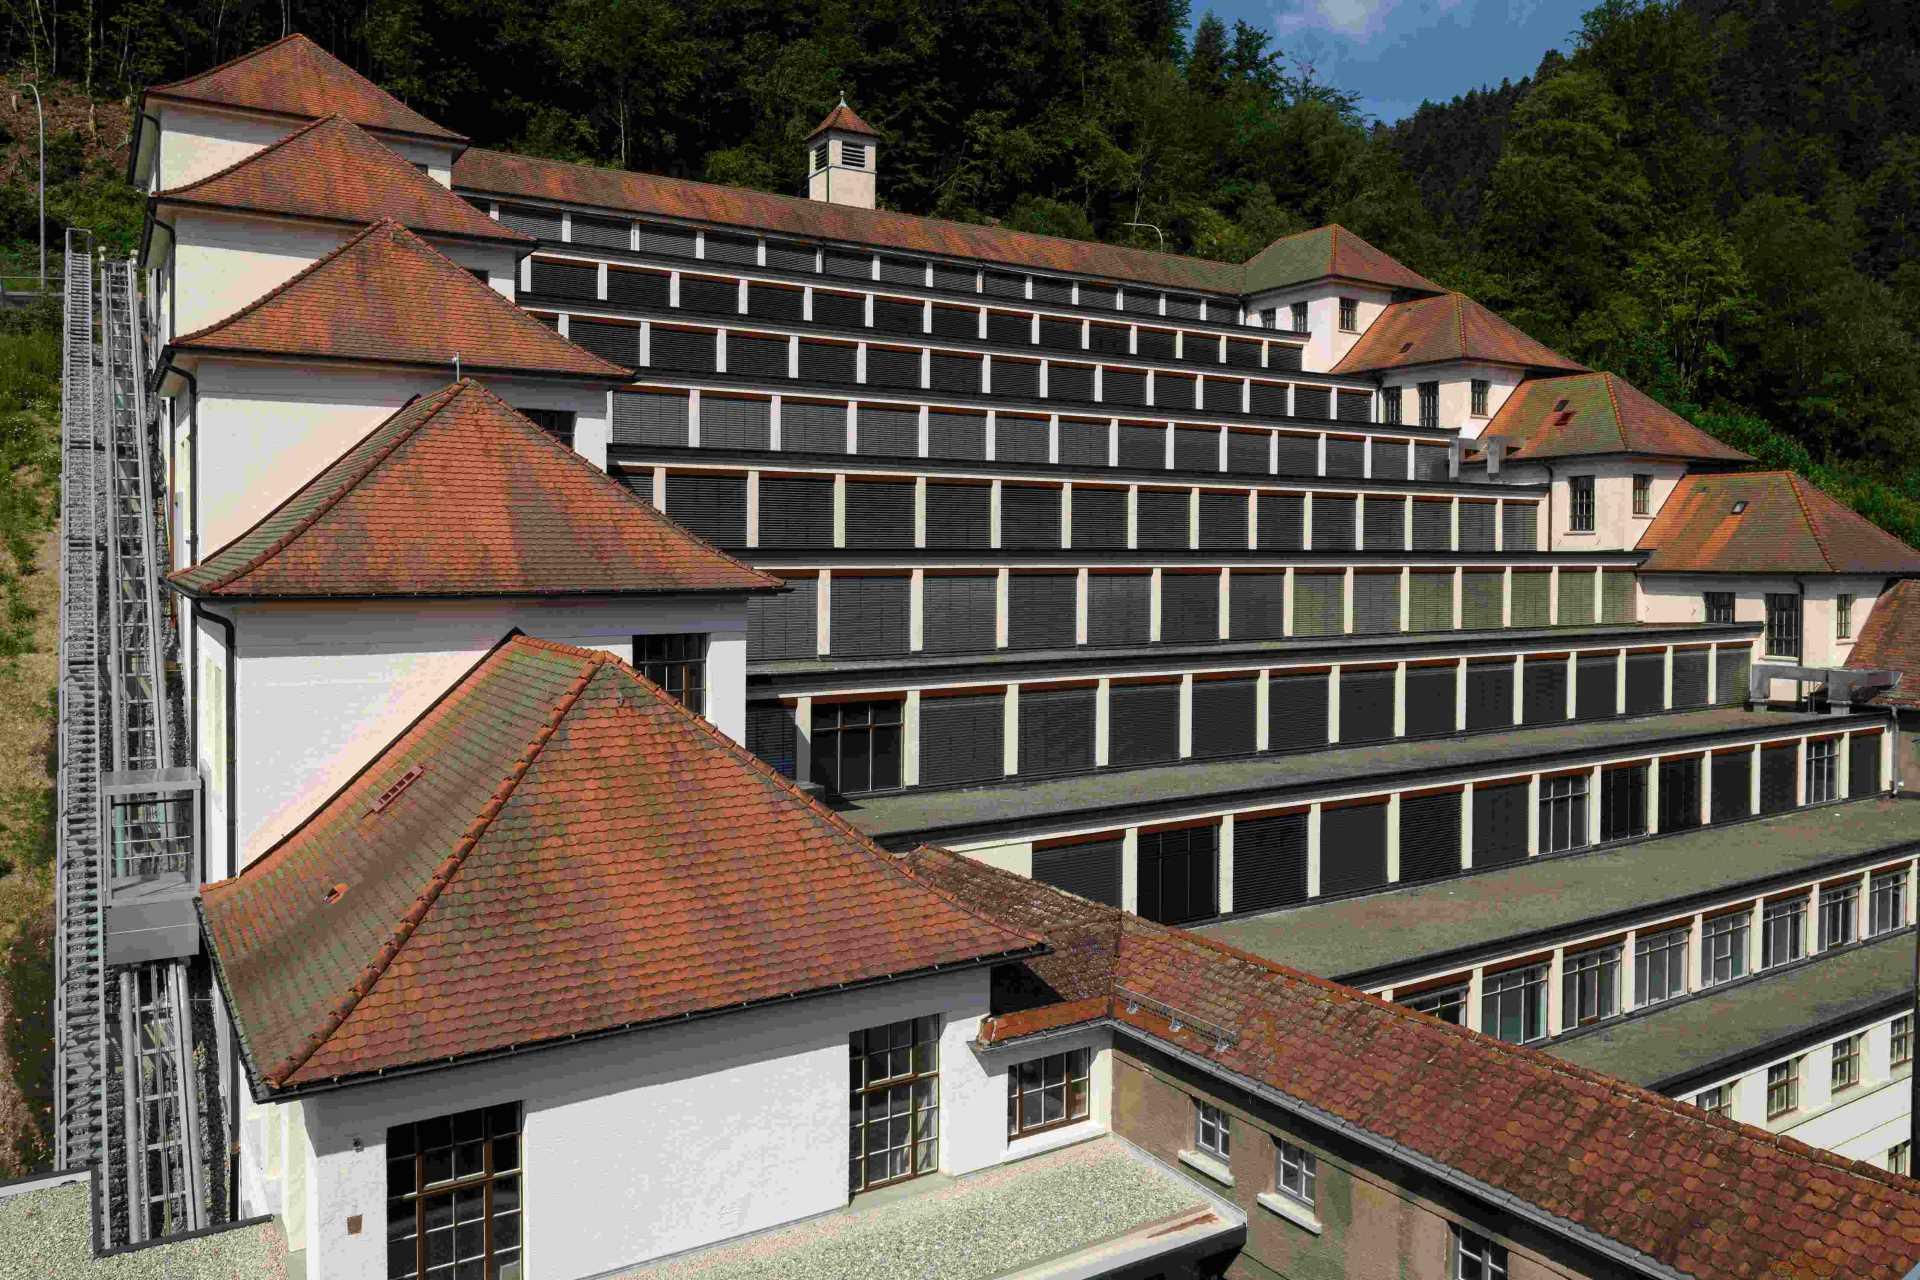 Der Junghans Terrassenbau in Schramberg beherbergt nun ein Museum.